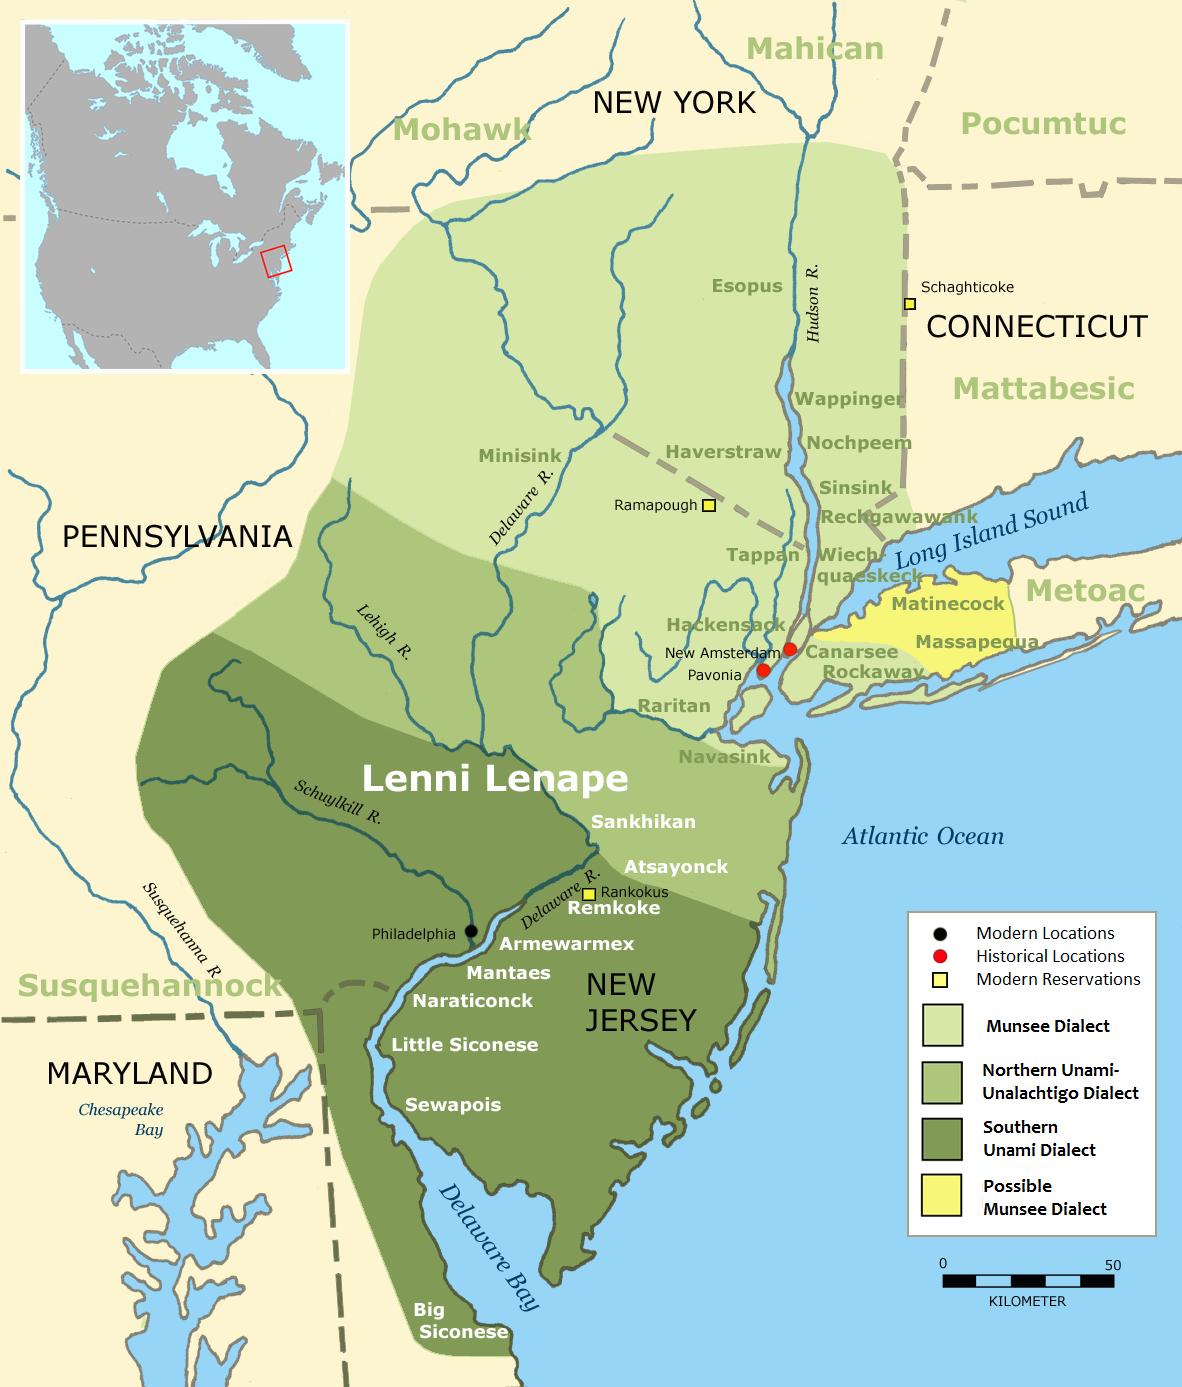 00fd2d2fcd3ee4add164_Lenape_map.jpg